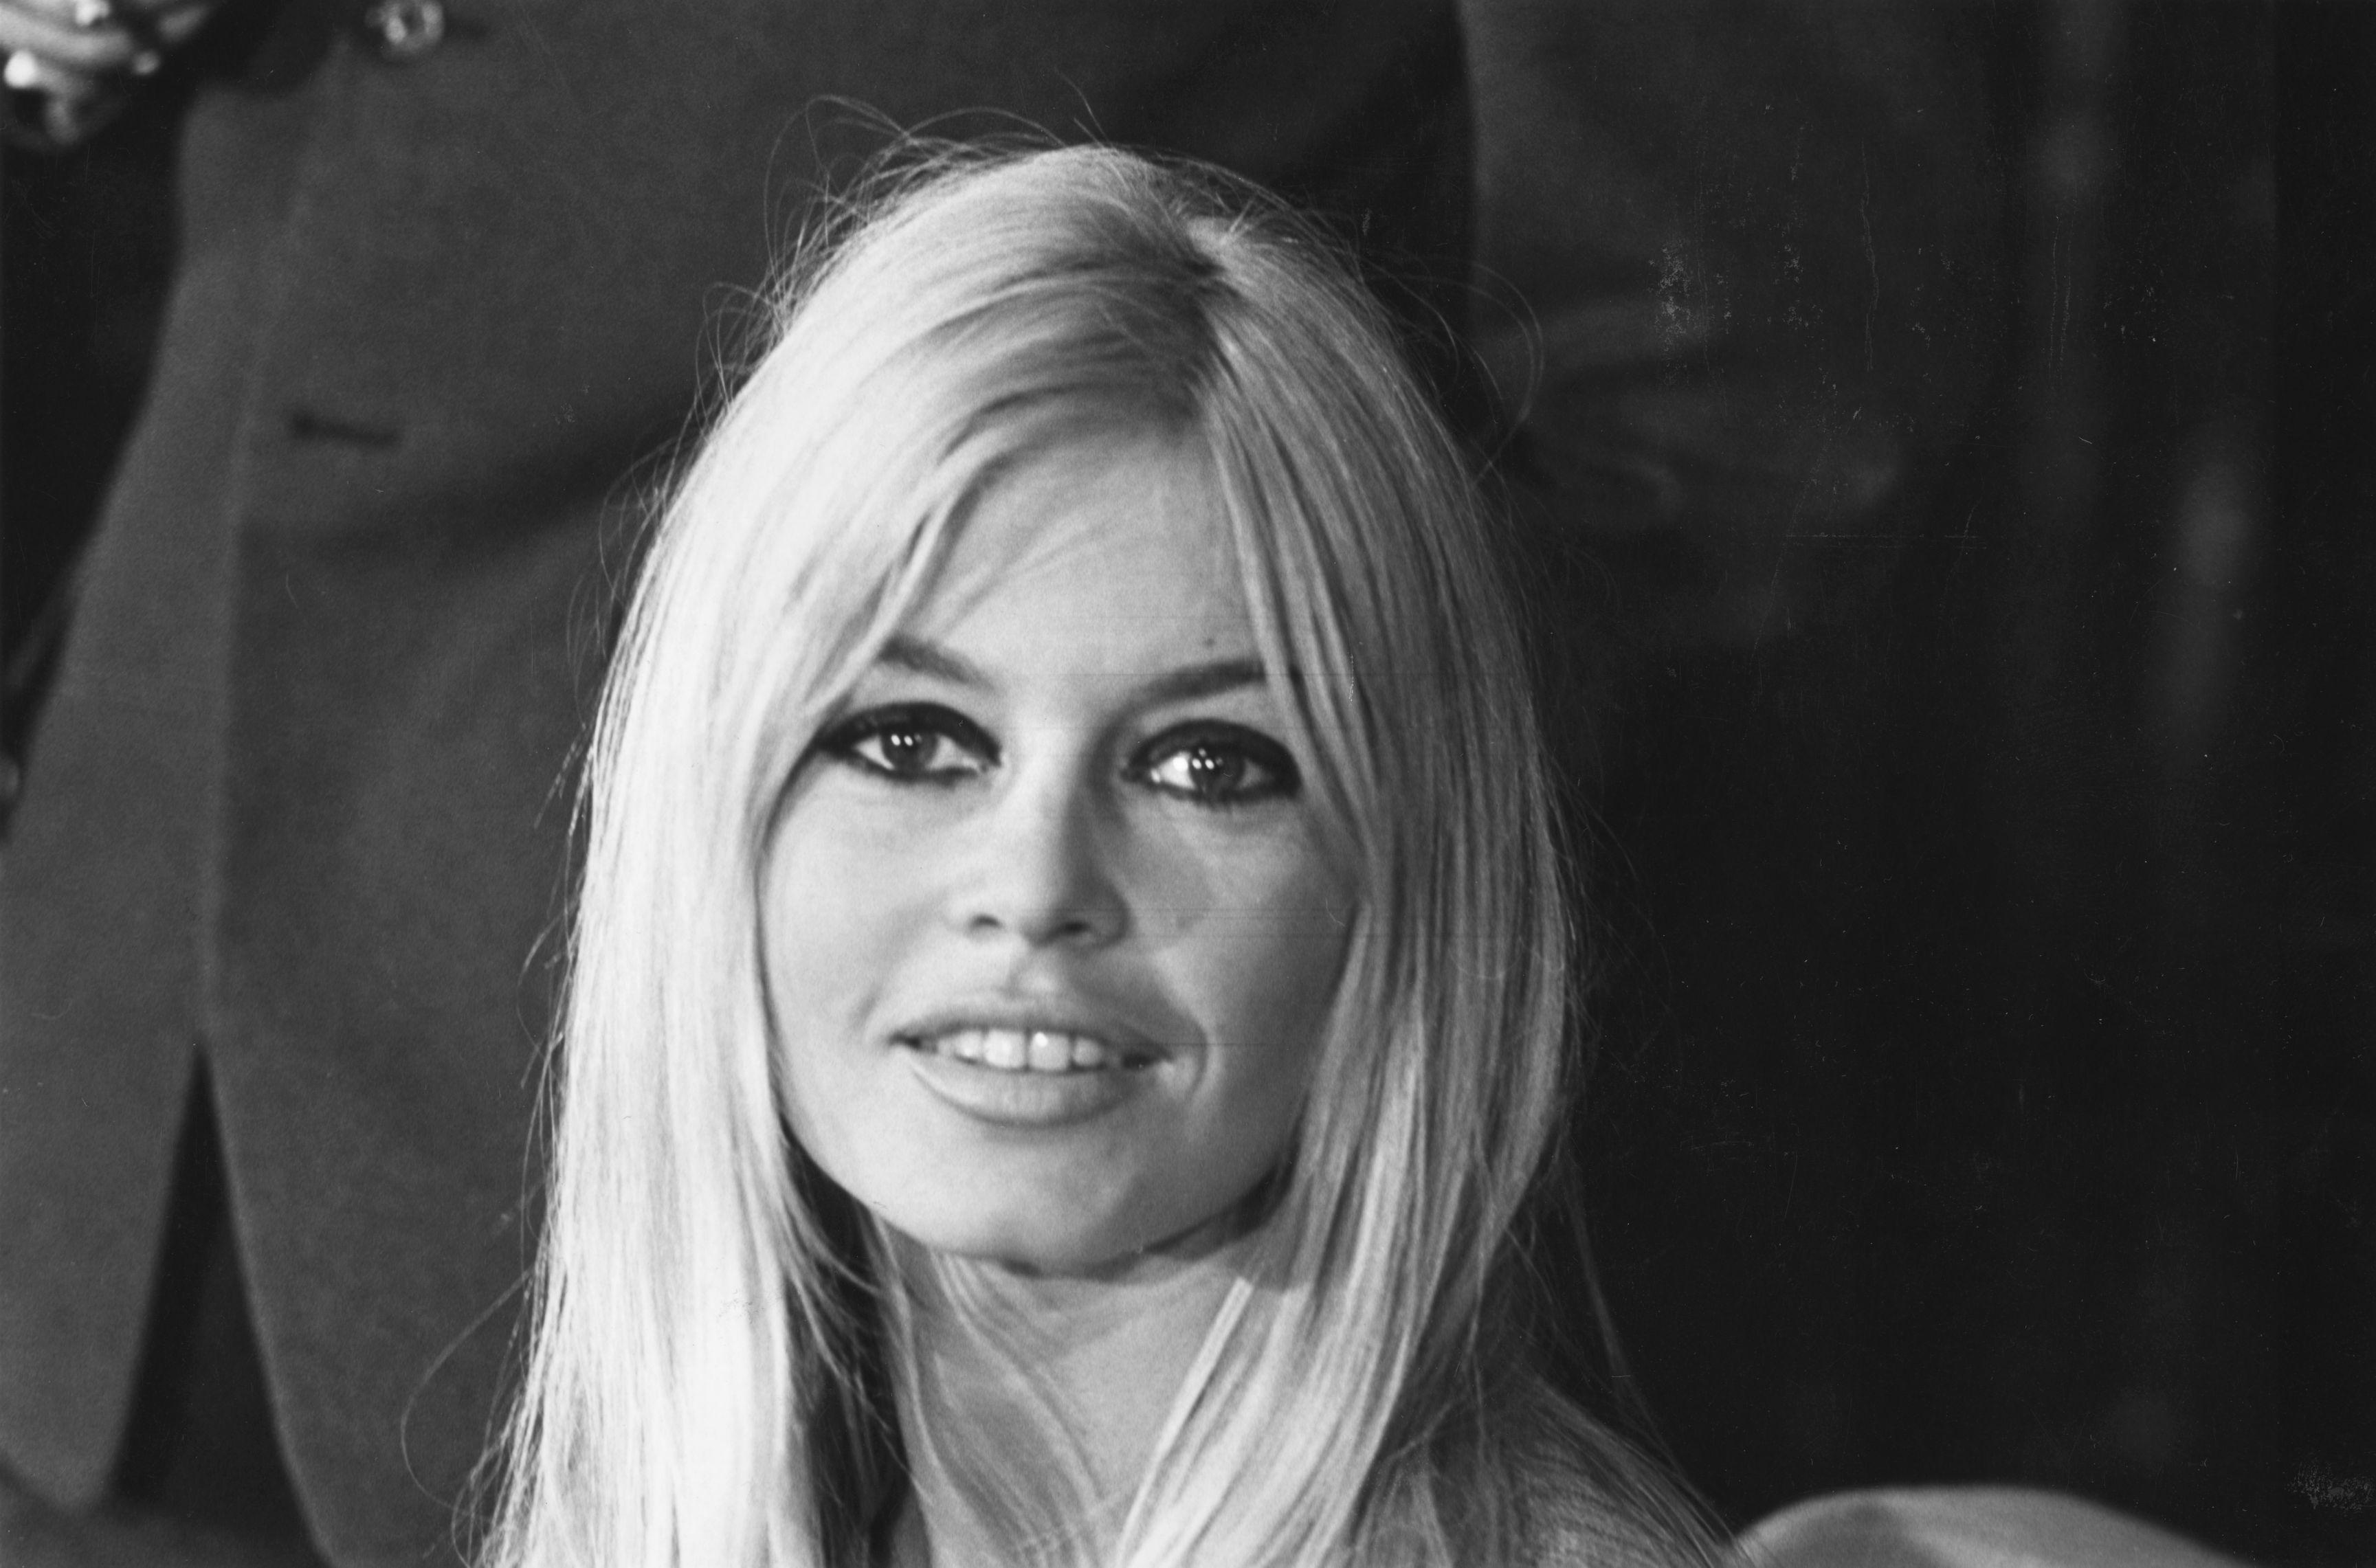 Brigitte Bardot - Biographie, discographie et fiche artiste – RFI Musique 1554d021dd5